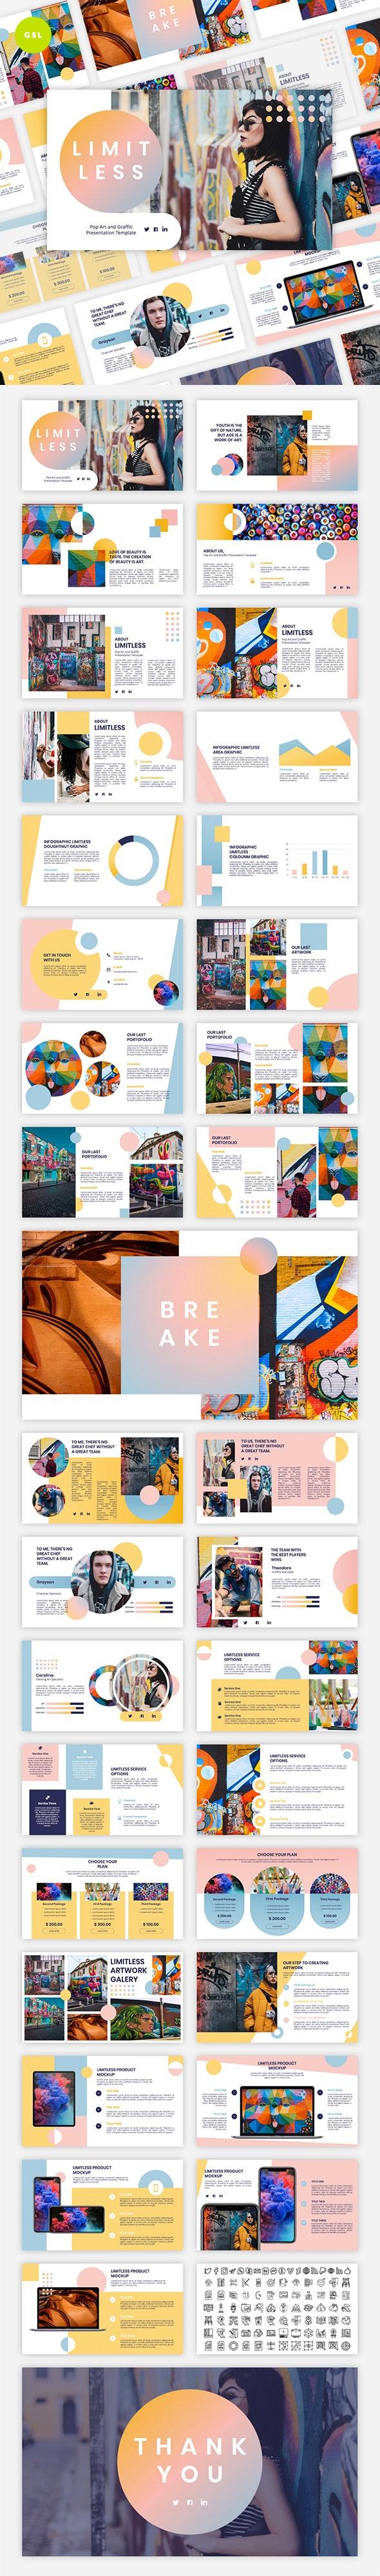 Limitless - Pop Art & Graffiti Google Slides Template - Google Slides Presentation Templates